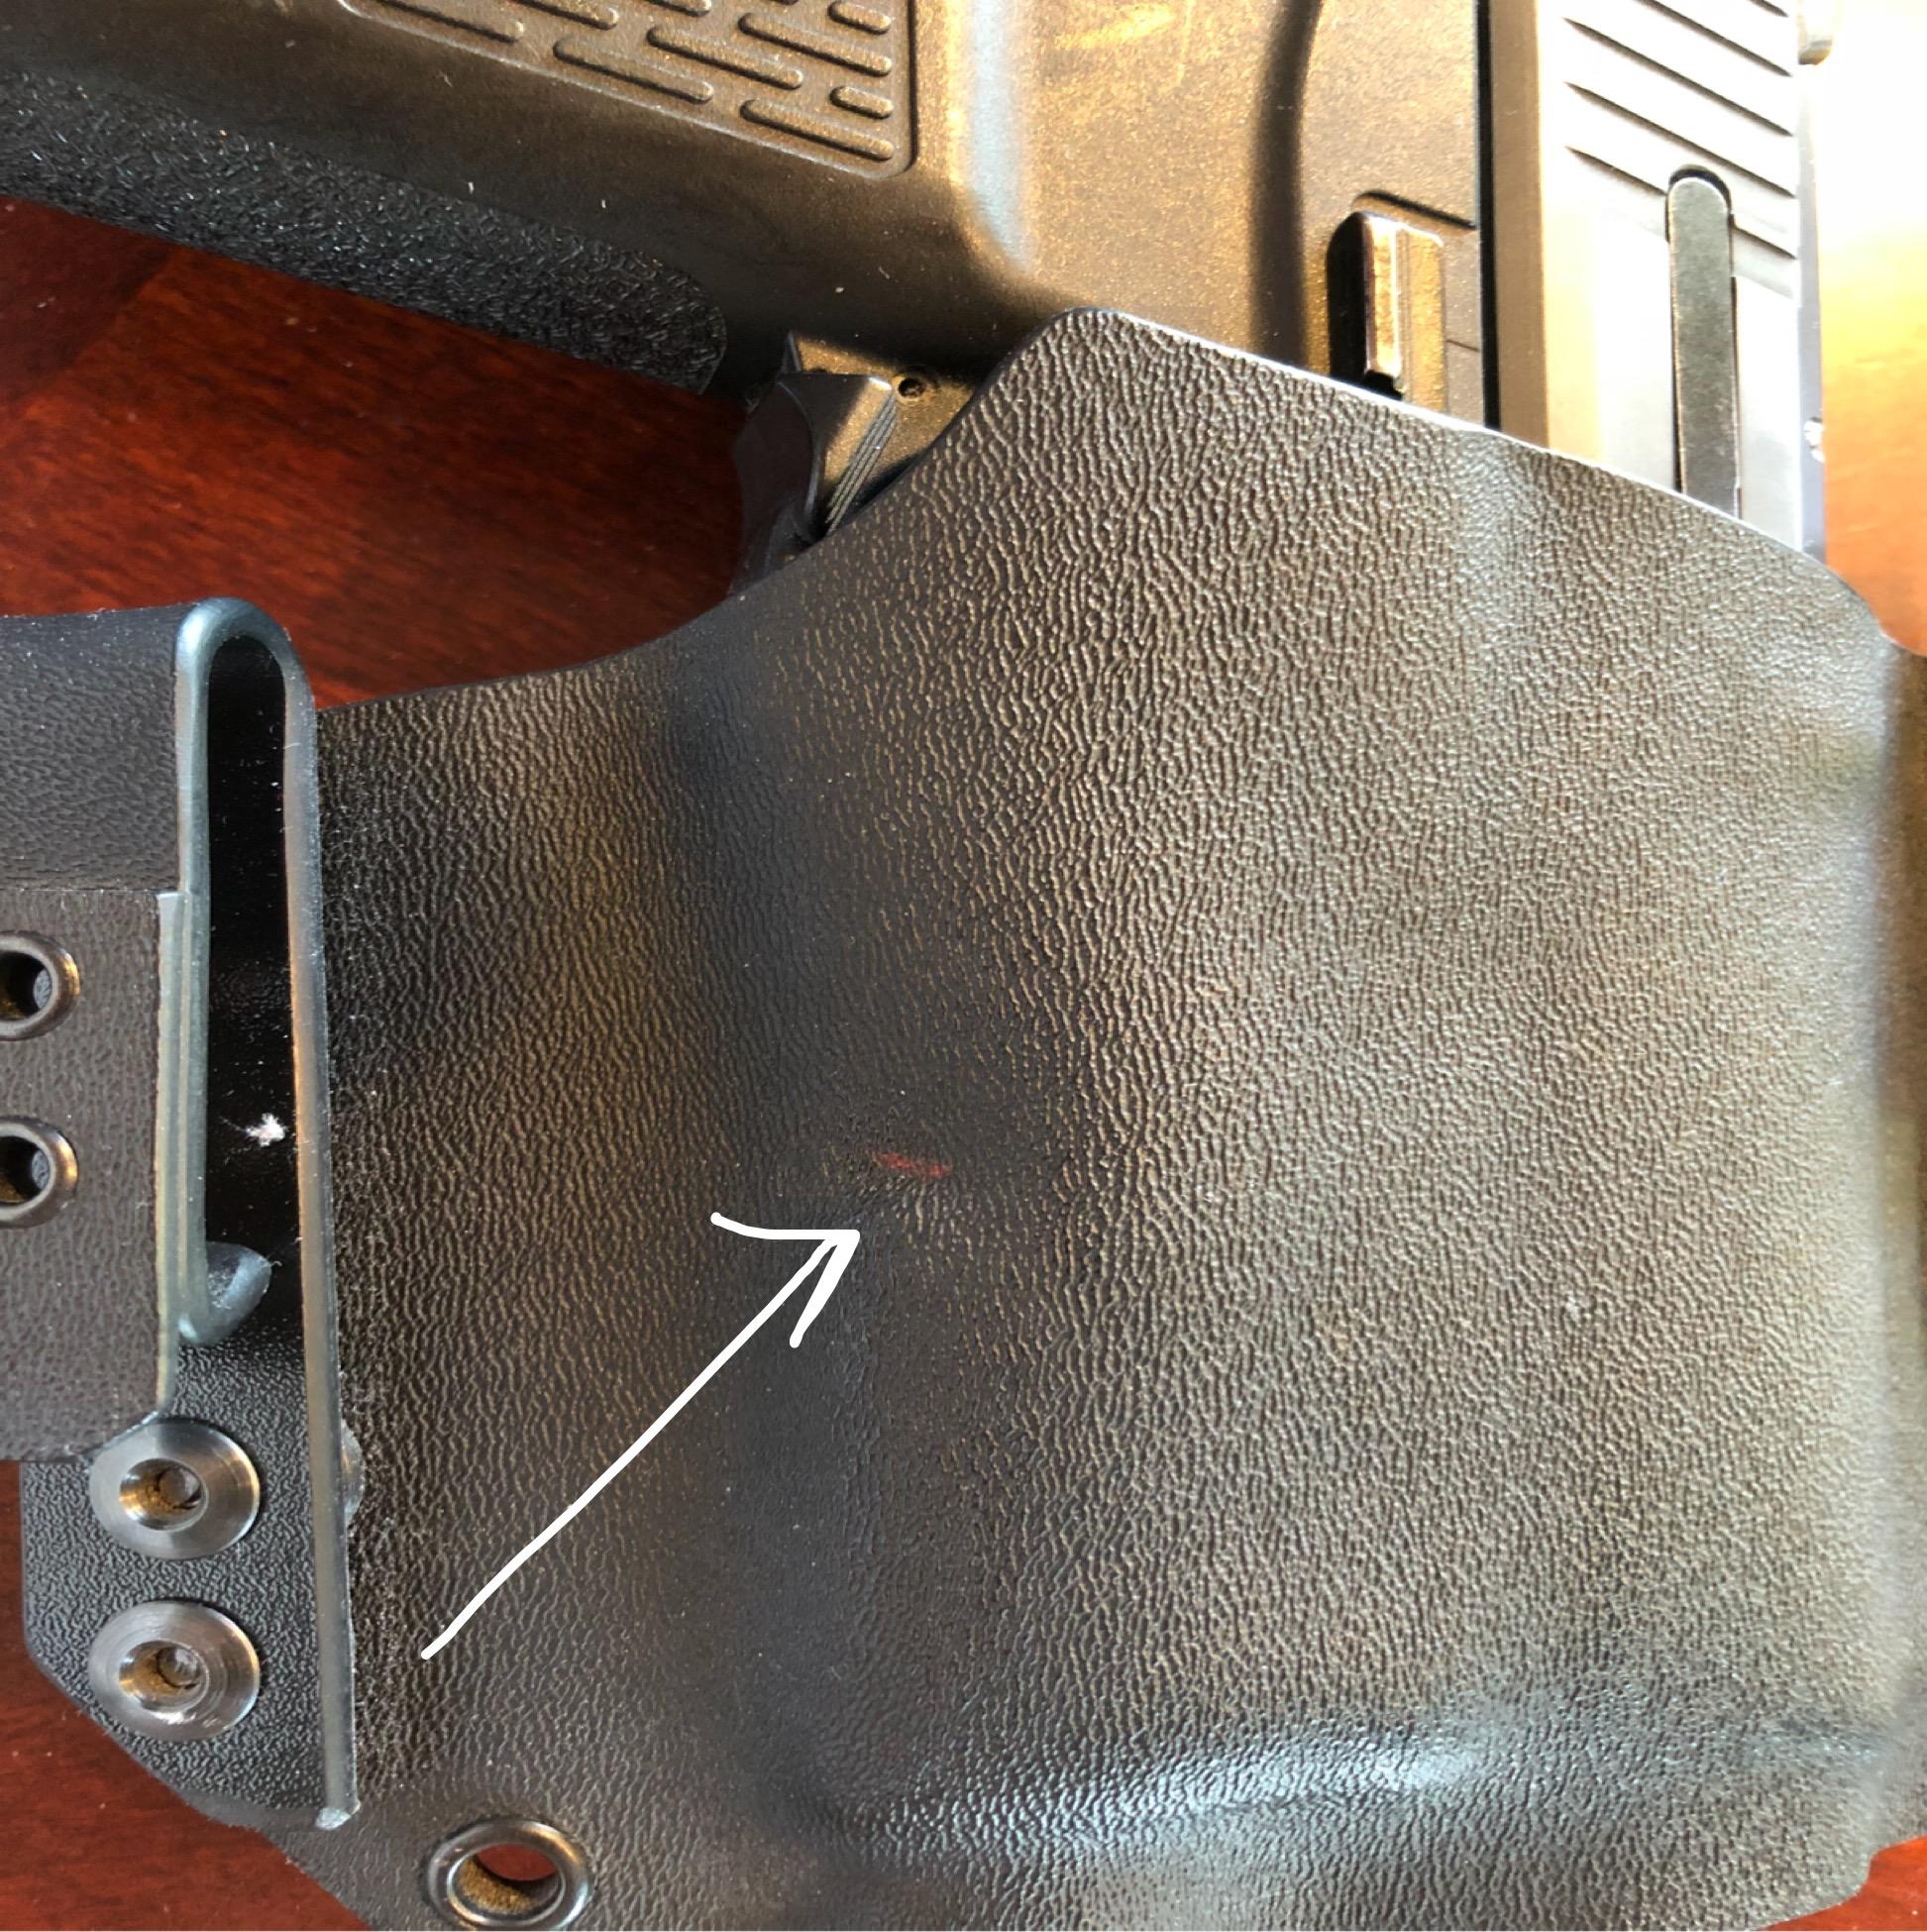 HK45C + TLR-7 + Kaluban Cloak holster-83e825e4-672d-4c4a-a452-5a8e1b42dd5f.jpeg